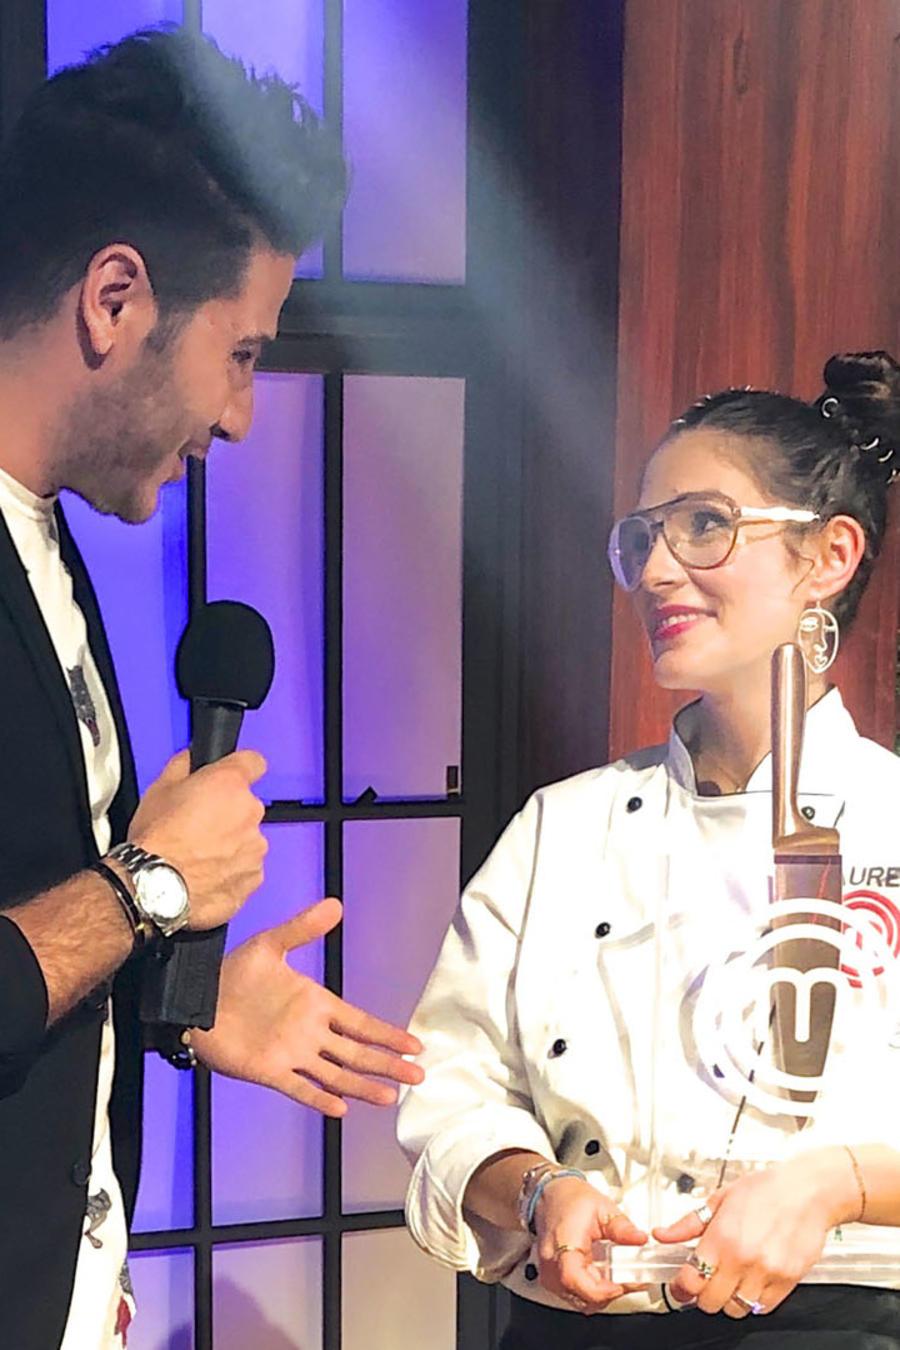 Chef James entrevista a Lauren Arboleda, ganadora de MasterChef Latino 2